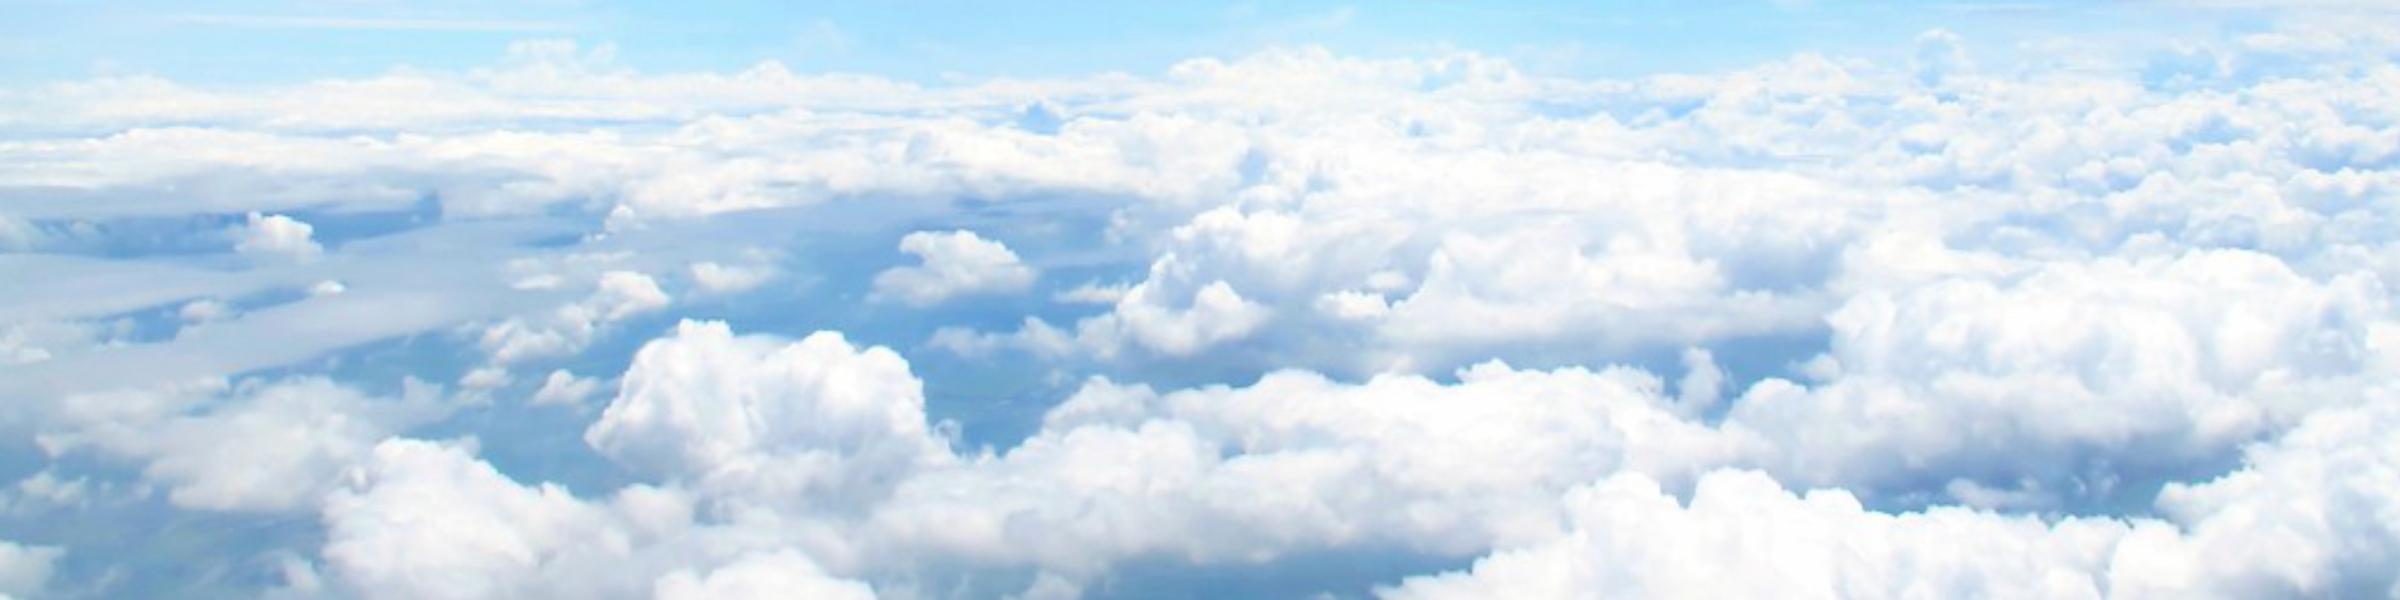 EuroUSC Italia Consultancy_Drone Major